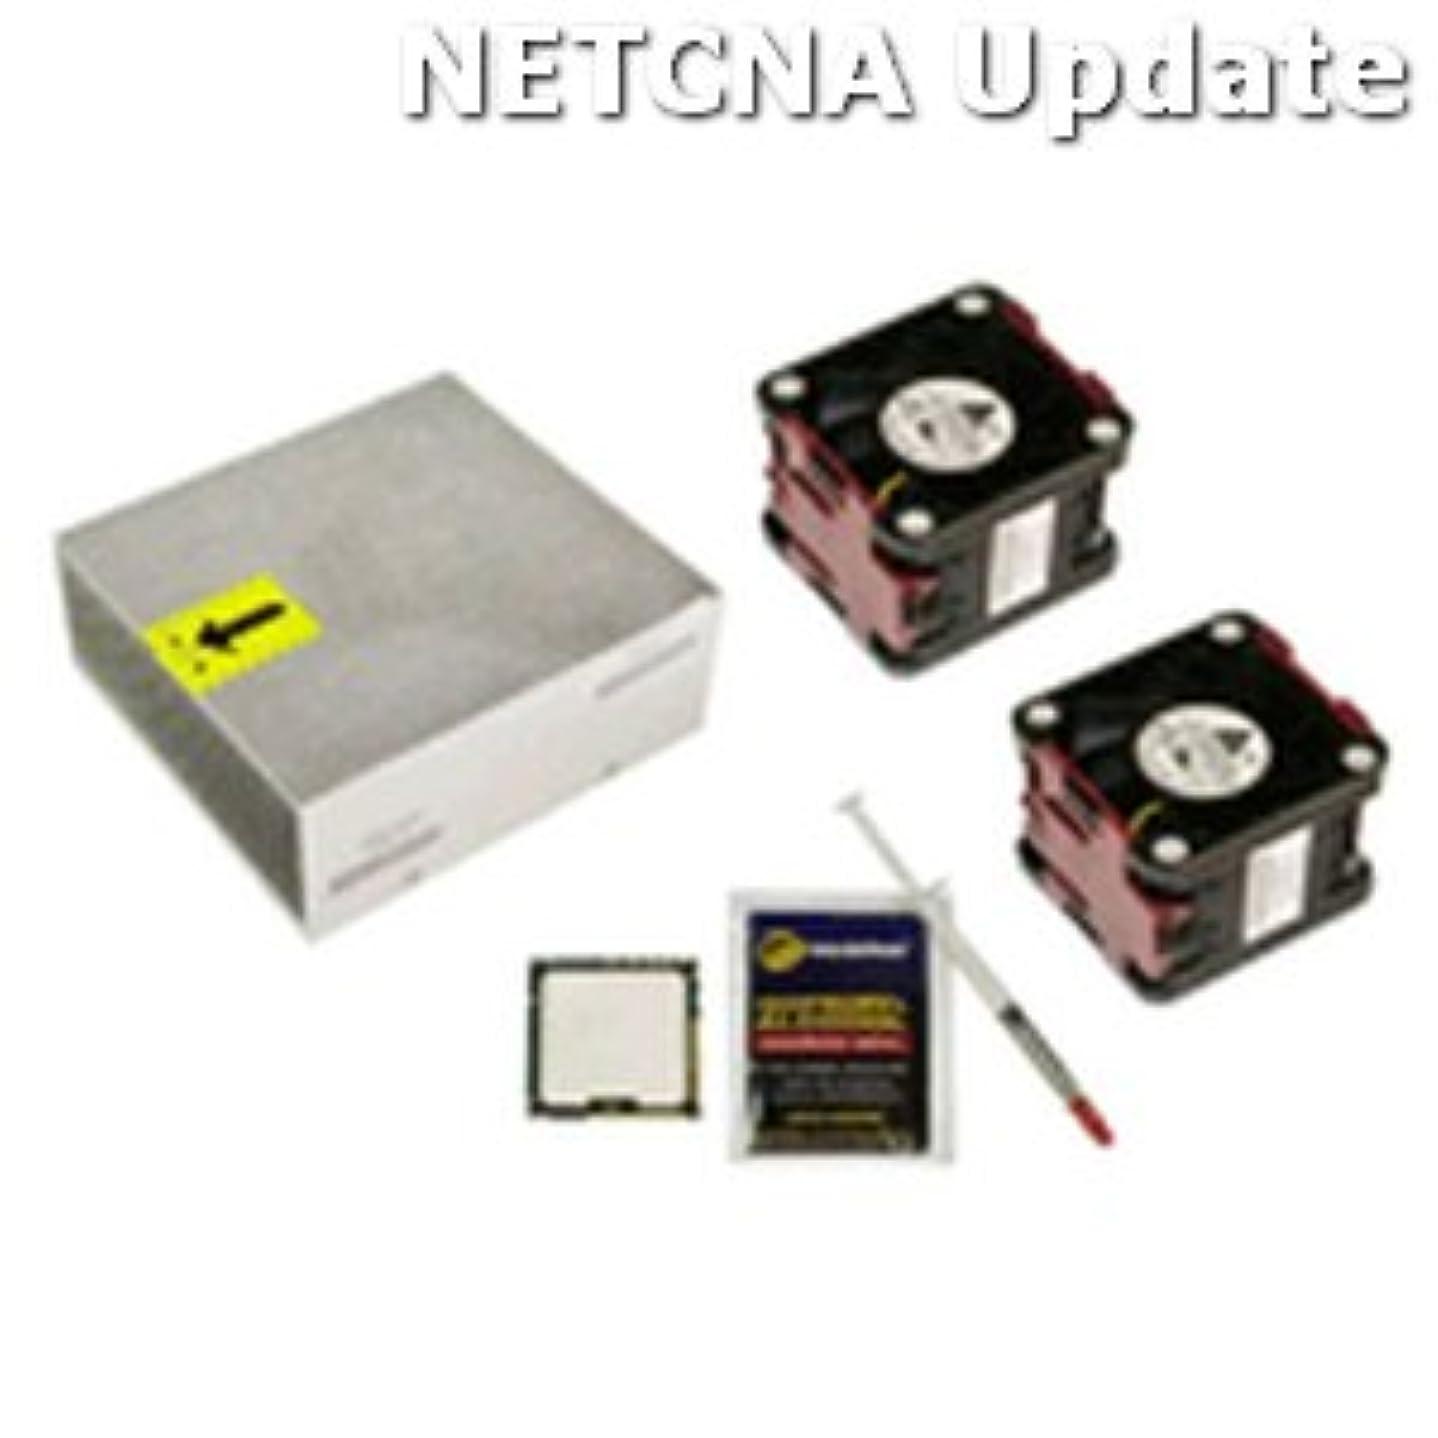 有限タイピストバイオレット500087-b21 HP dl380 g6 Xeon l5520 2.26 GHz互換製品by NETCNA